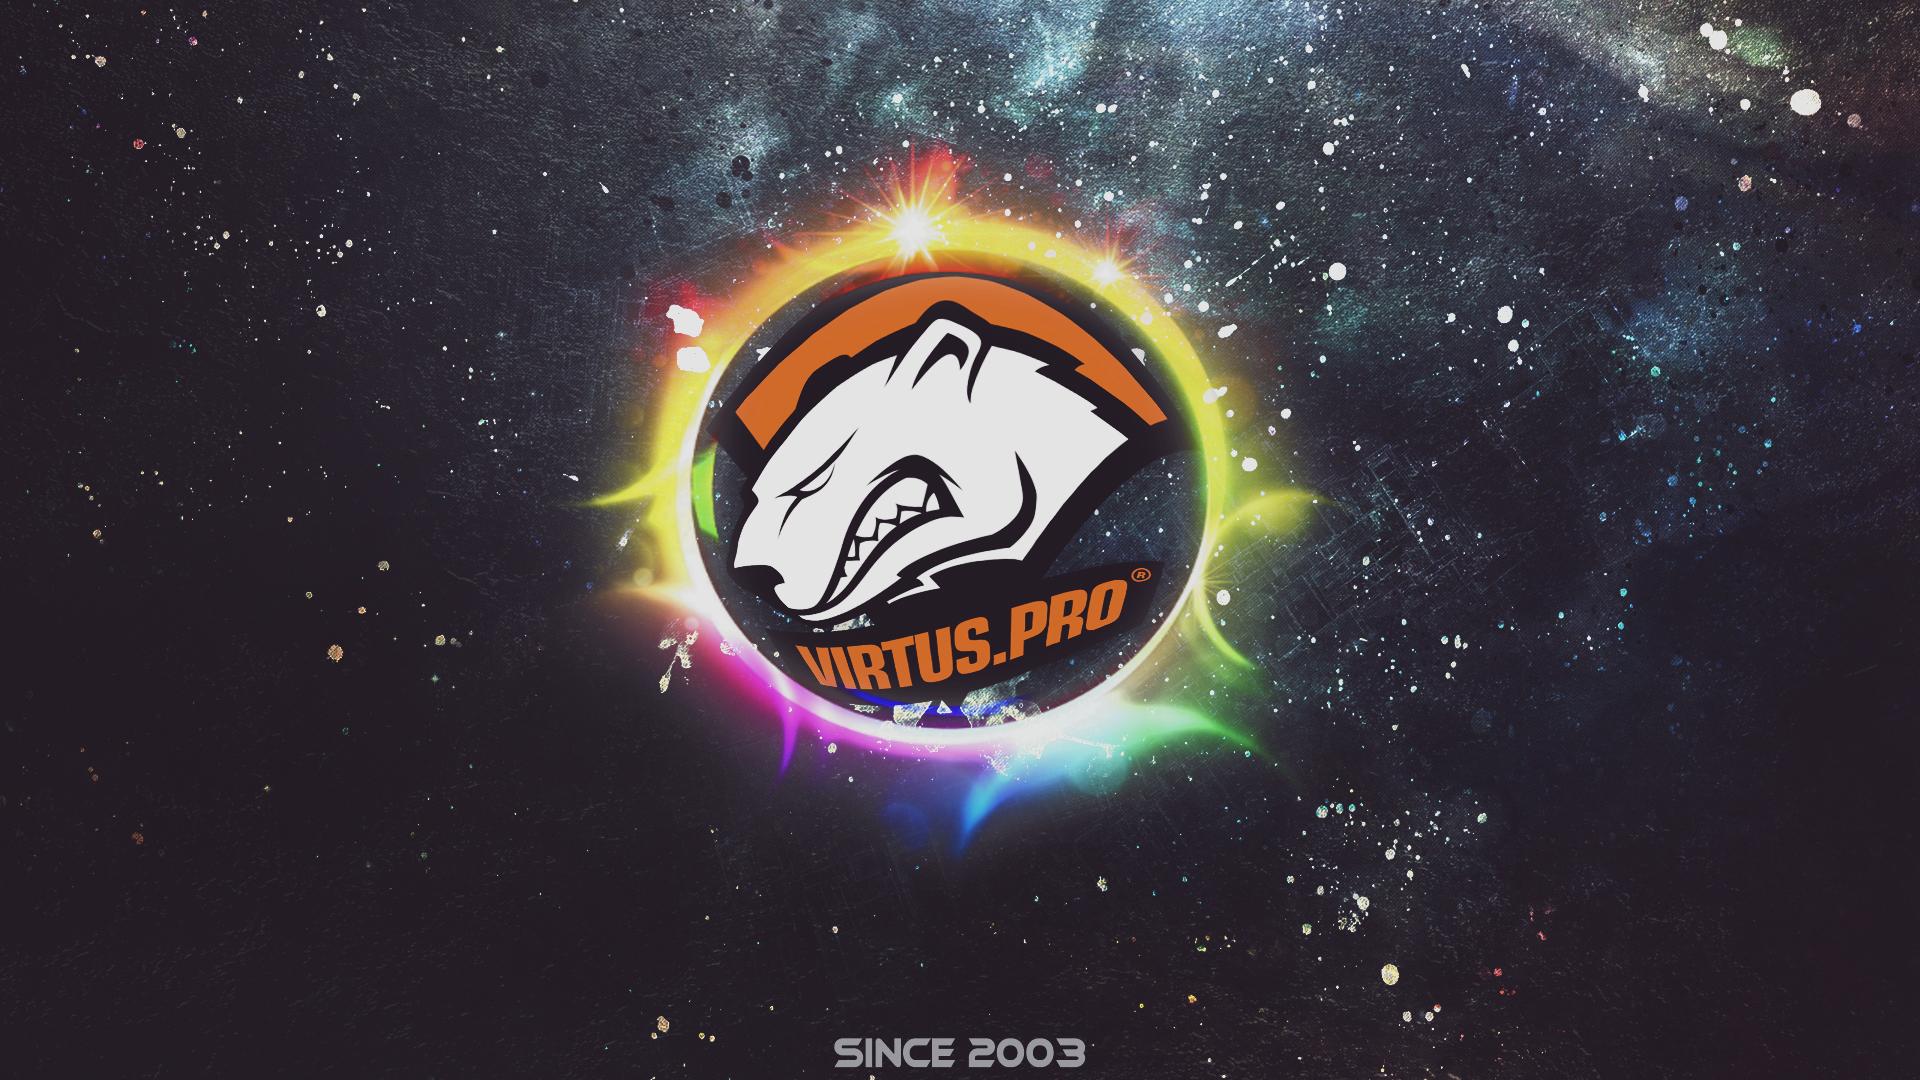 Download 1920x1080 Wallpaper Virtus Pro Logo Gaming Full Hd Hdtv